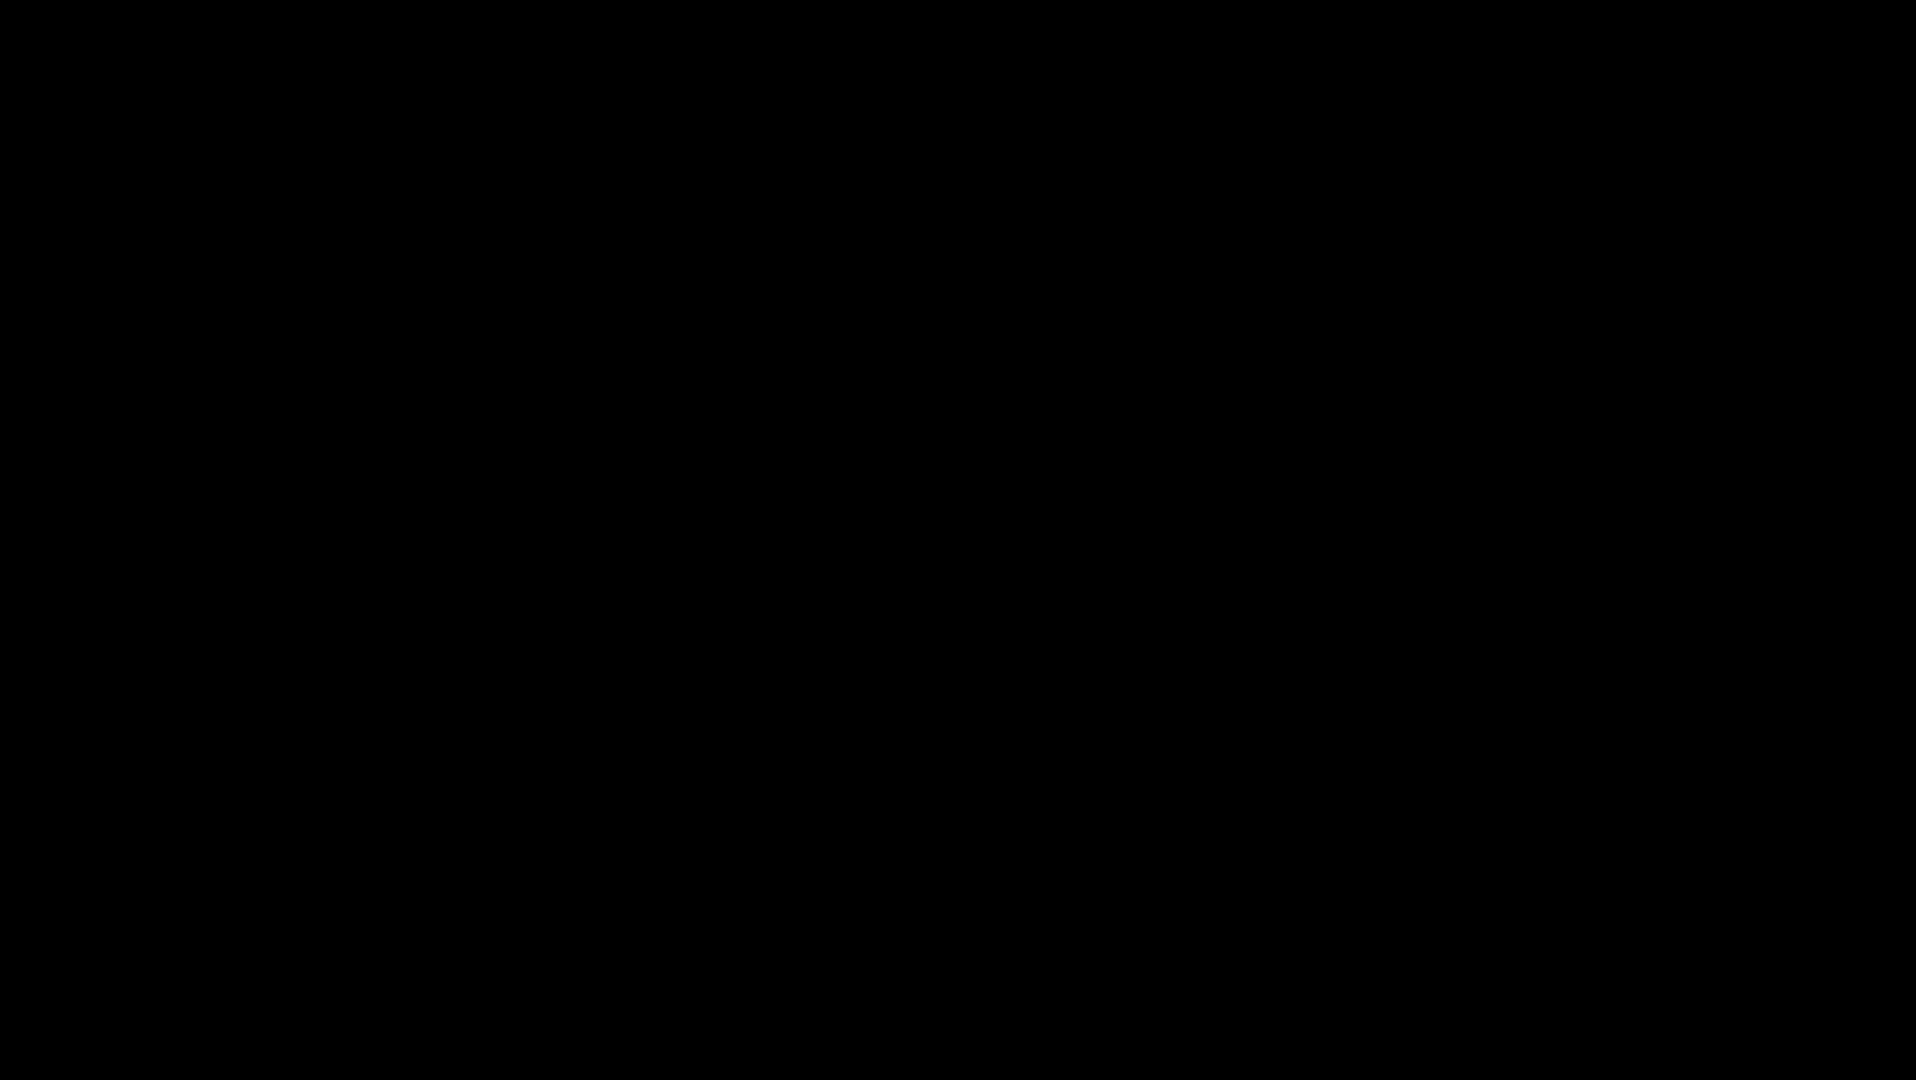 Ipason ギガバイト Pci Express S ビデオグラフィックスカード 8 Pc